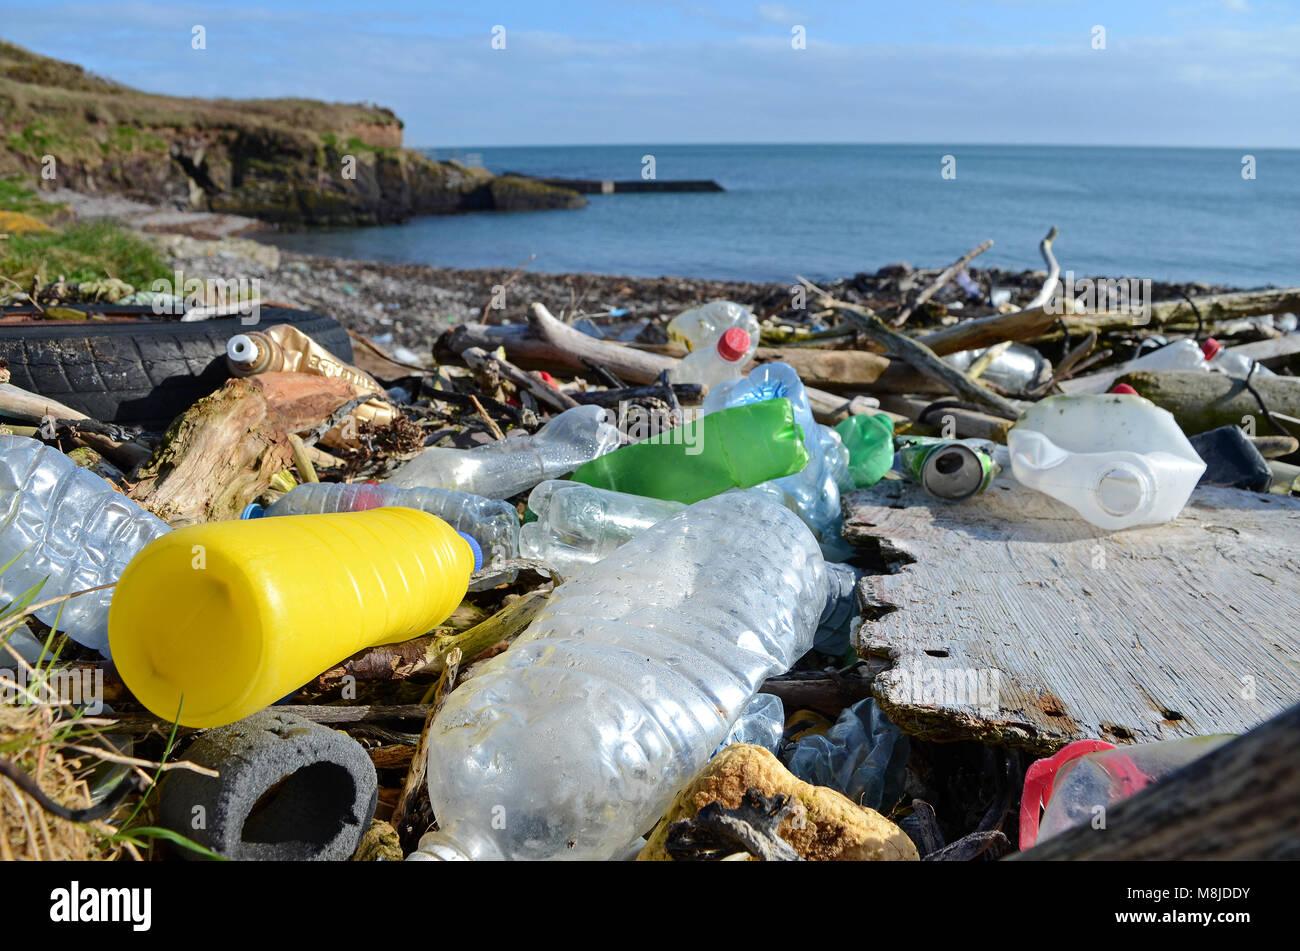 Les déchets de plastique échouée sur la plage de trabolgan sur la côte sud-ouest de l'Irlande. Photo Stock